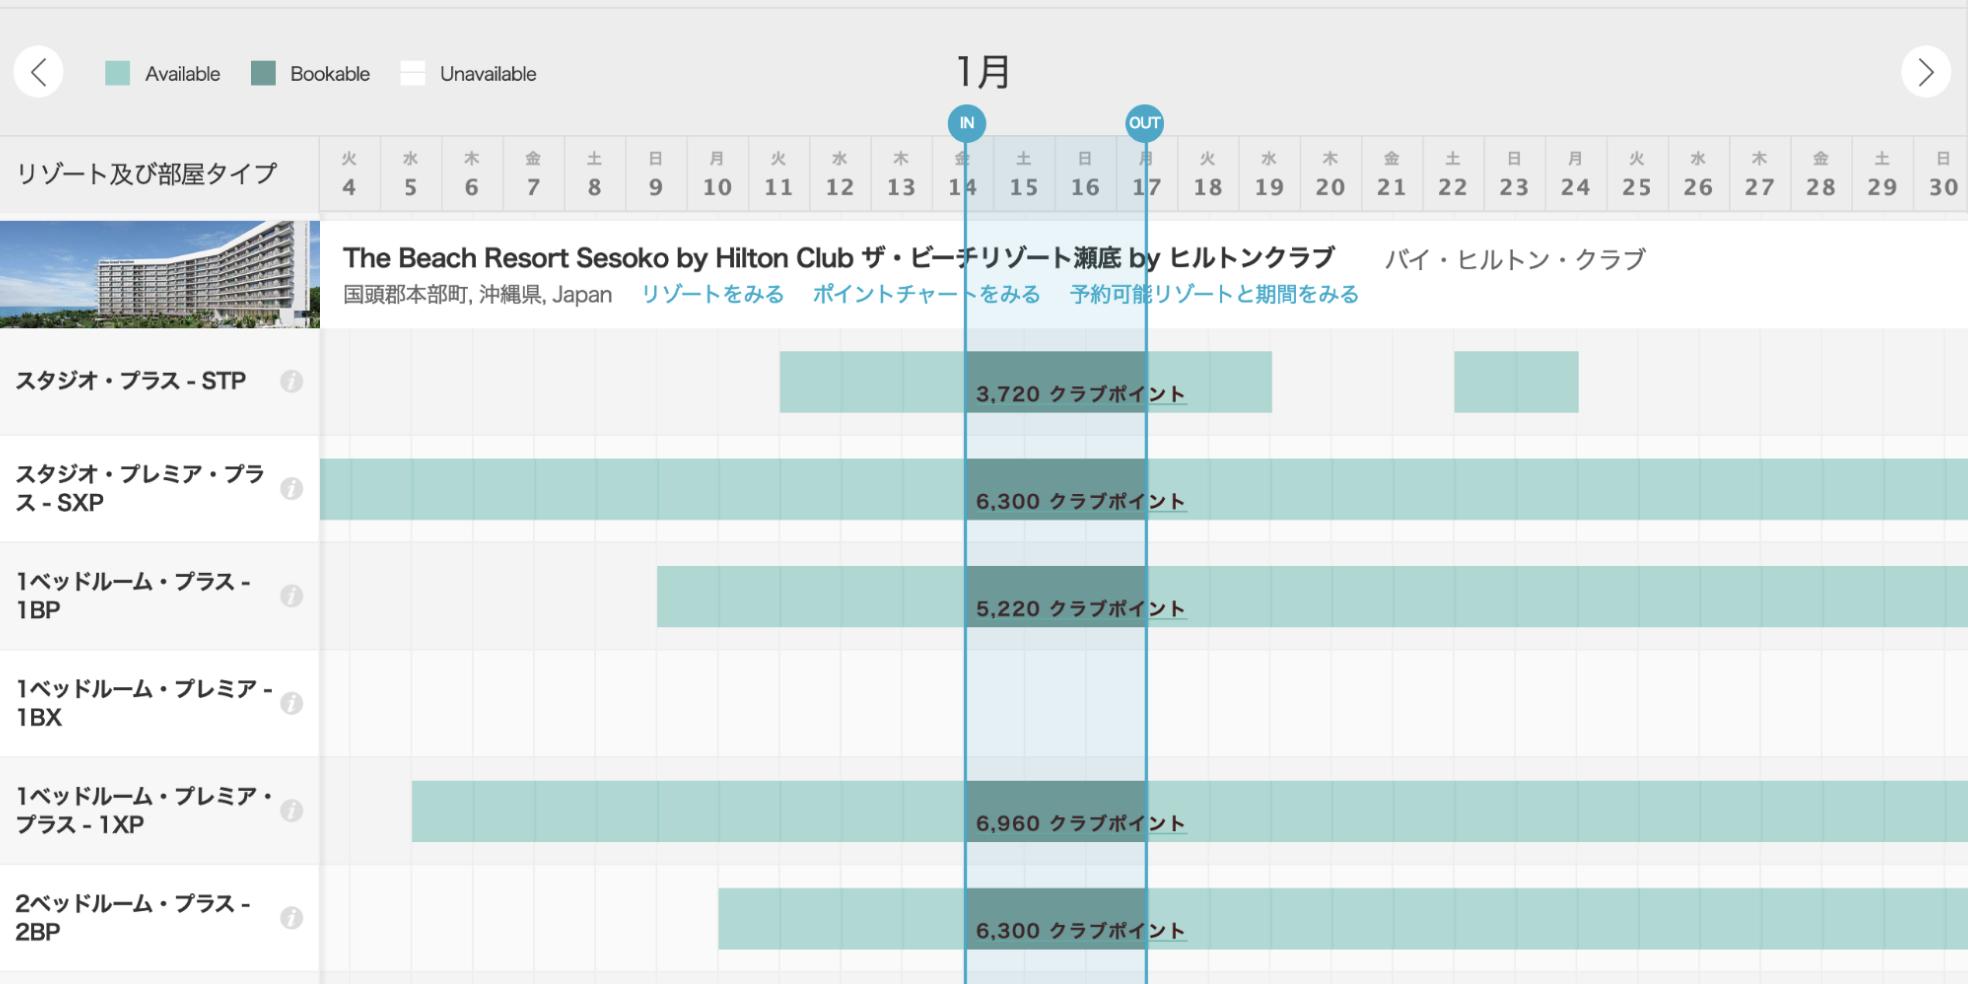 日本のヒルトンのクラブ予約の空室状況